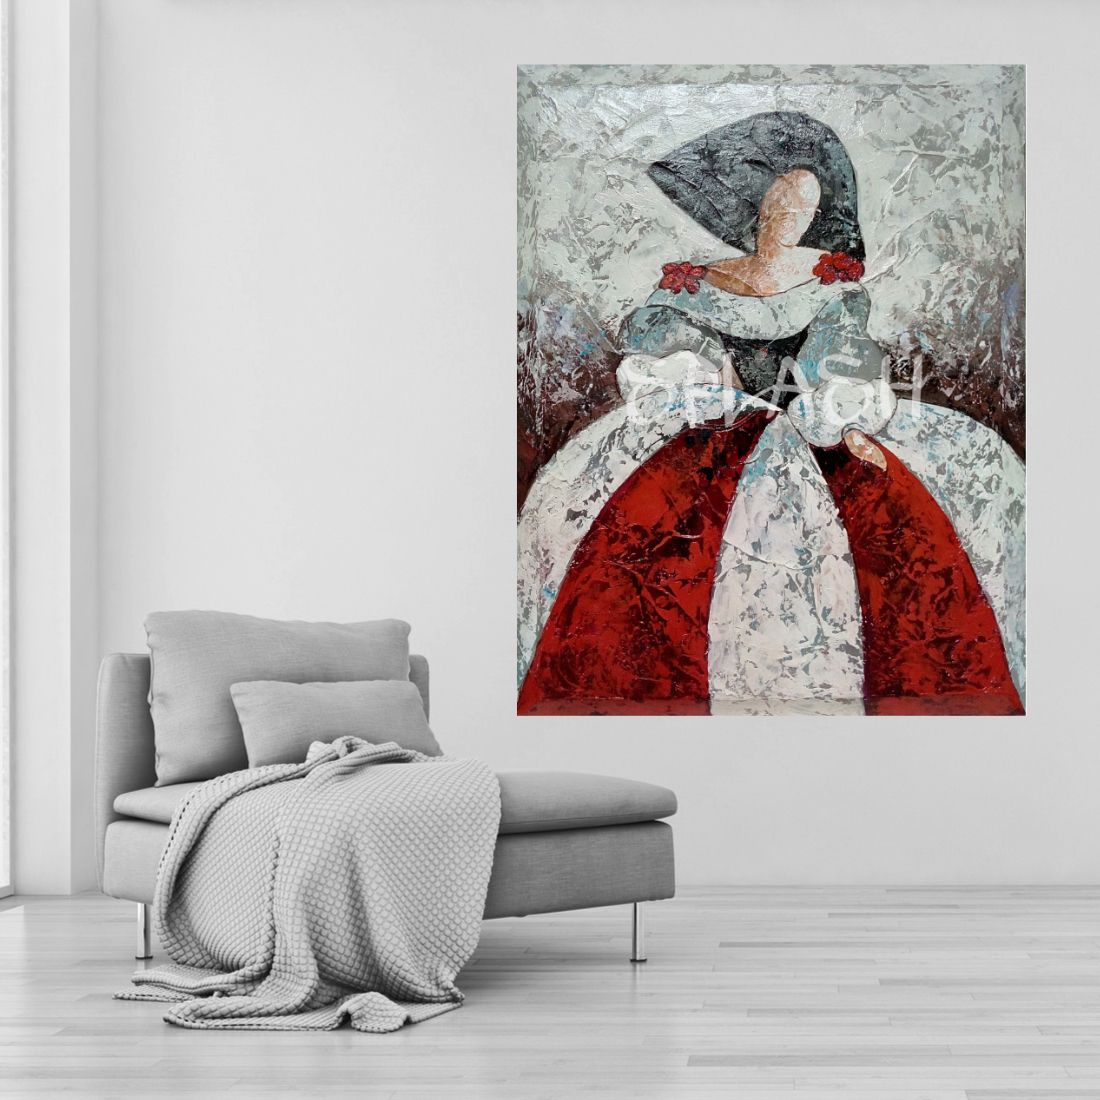 Tiendas de cuadros modernos decorativos cuadros splash - Cuadros pintados a mano online ...